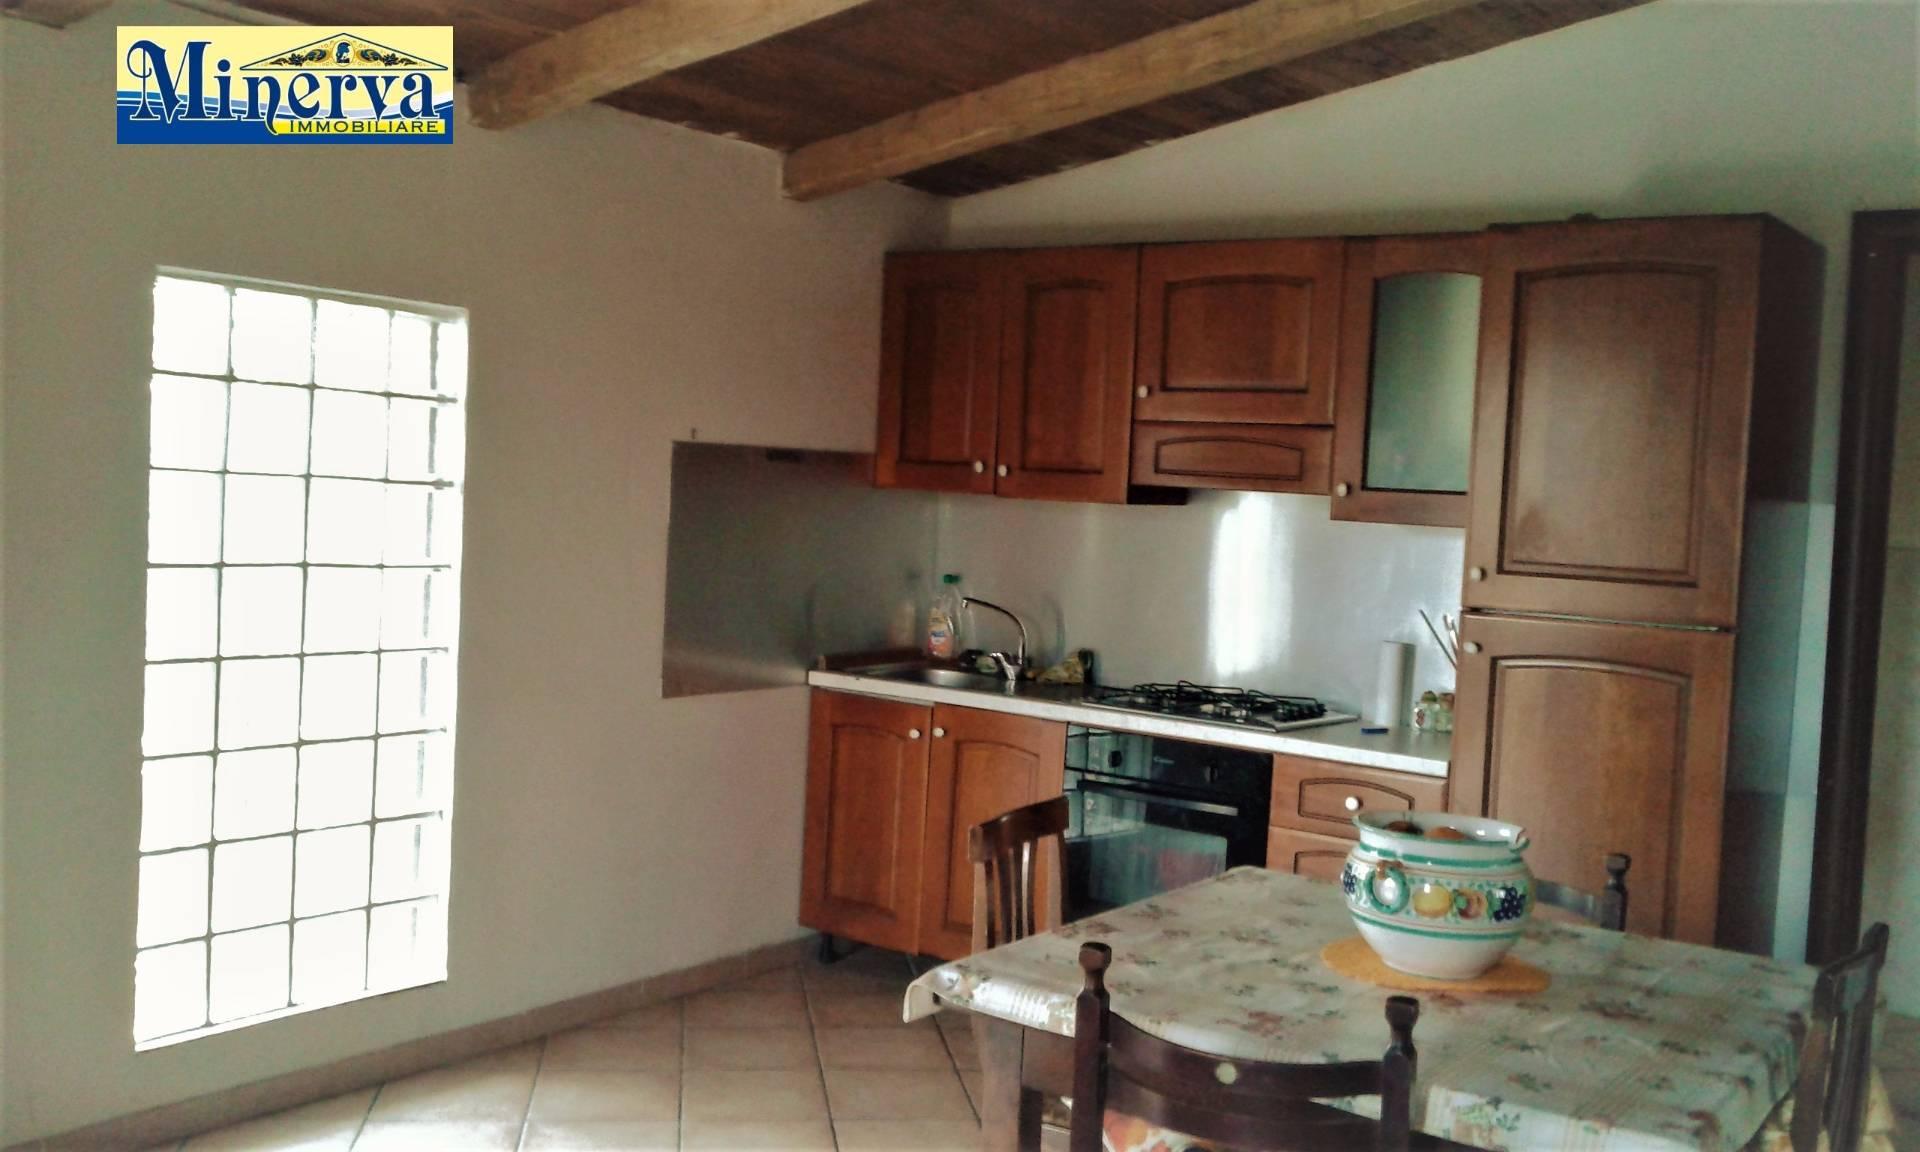 Villa Bifamiliare in vendita a Nettuno, 2 locali, zona Località: SanGiacomo, prezzo € 130.000   Cambio Casa.it